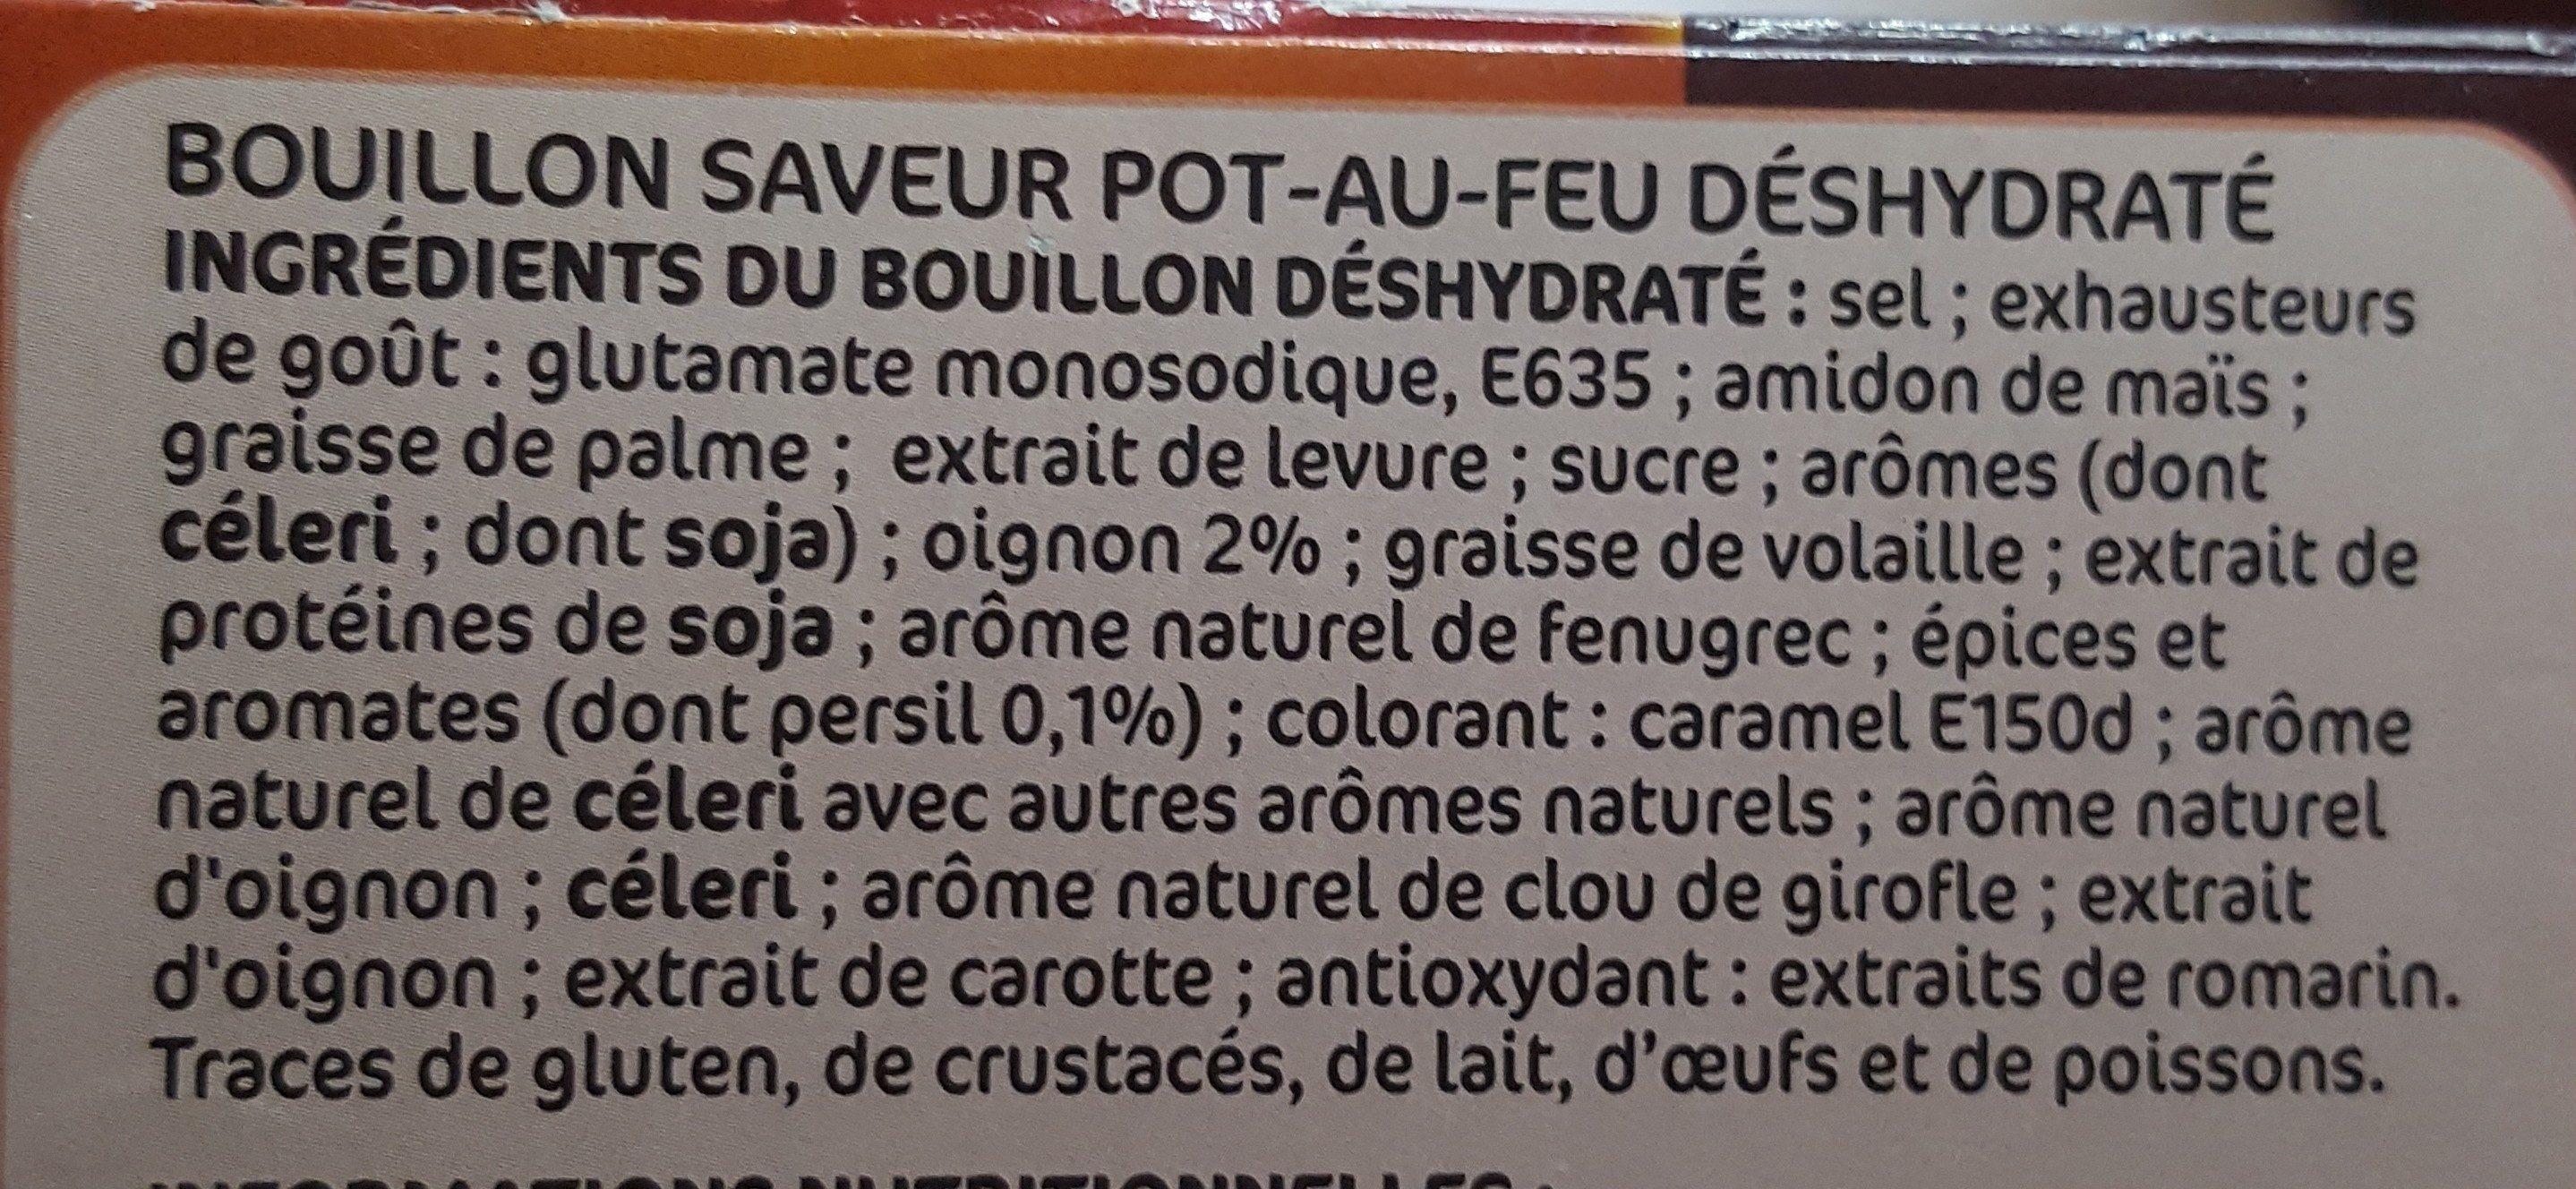 Bouillon de pot au feu déshydraté 12 tablettes - Ingredients